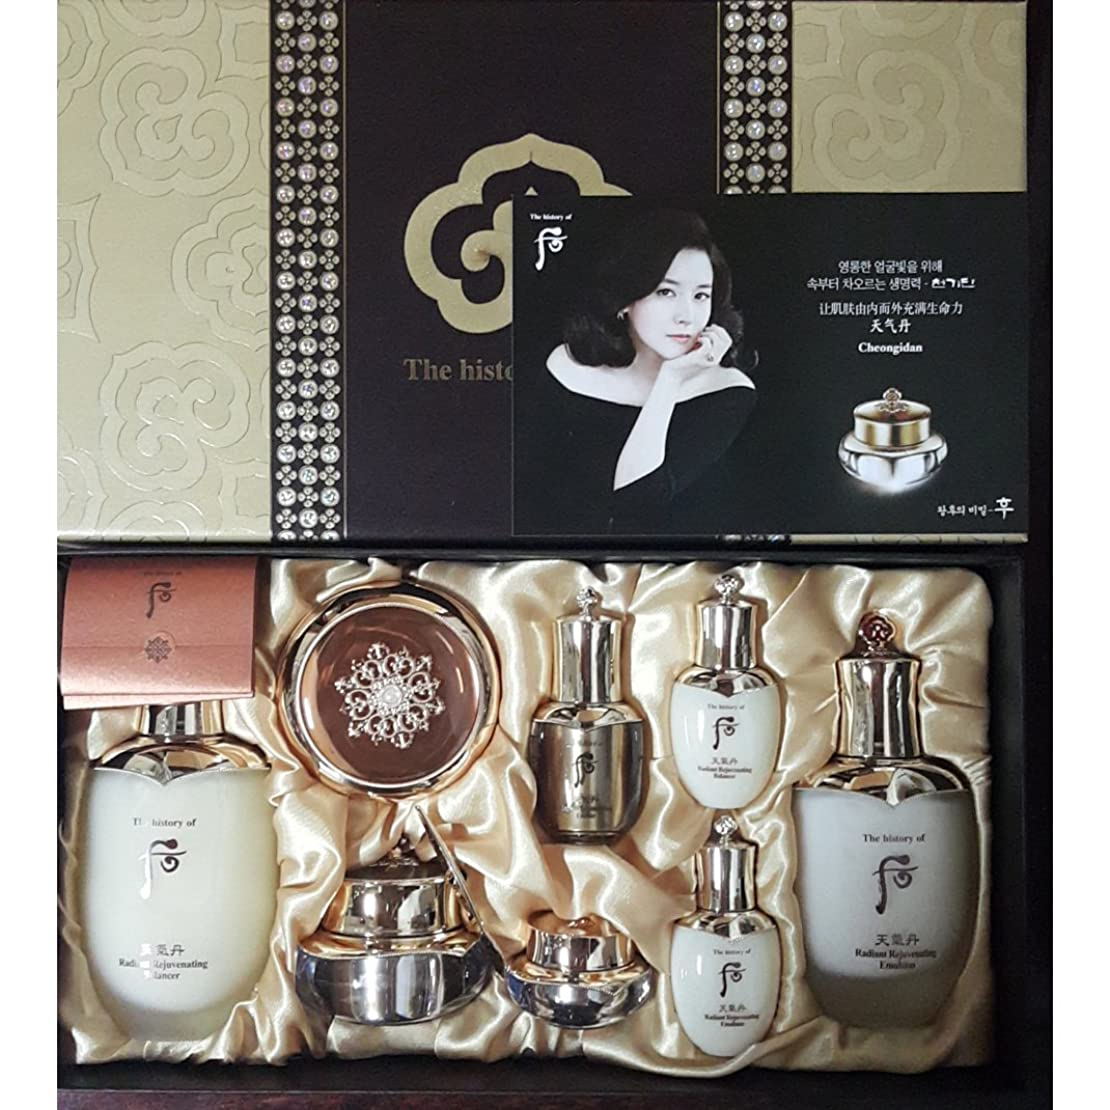 心配お茶専門知識[The History Of Whoo] Whoo后(フー)Cheongidan Special4EA SetゴンジンヒャンSpecial Set/チョンギダン化現象4種スペシャルセット+ Sample Gift【海外直送品]